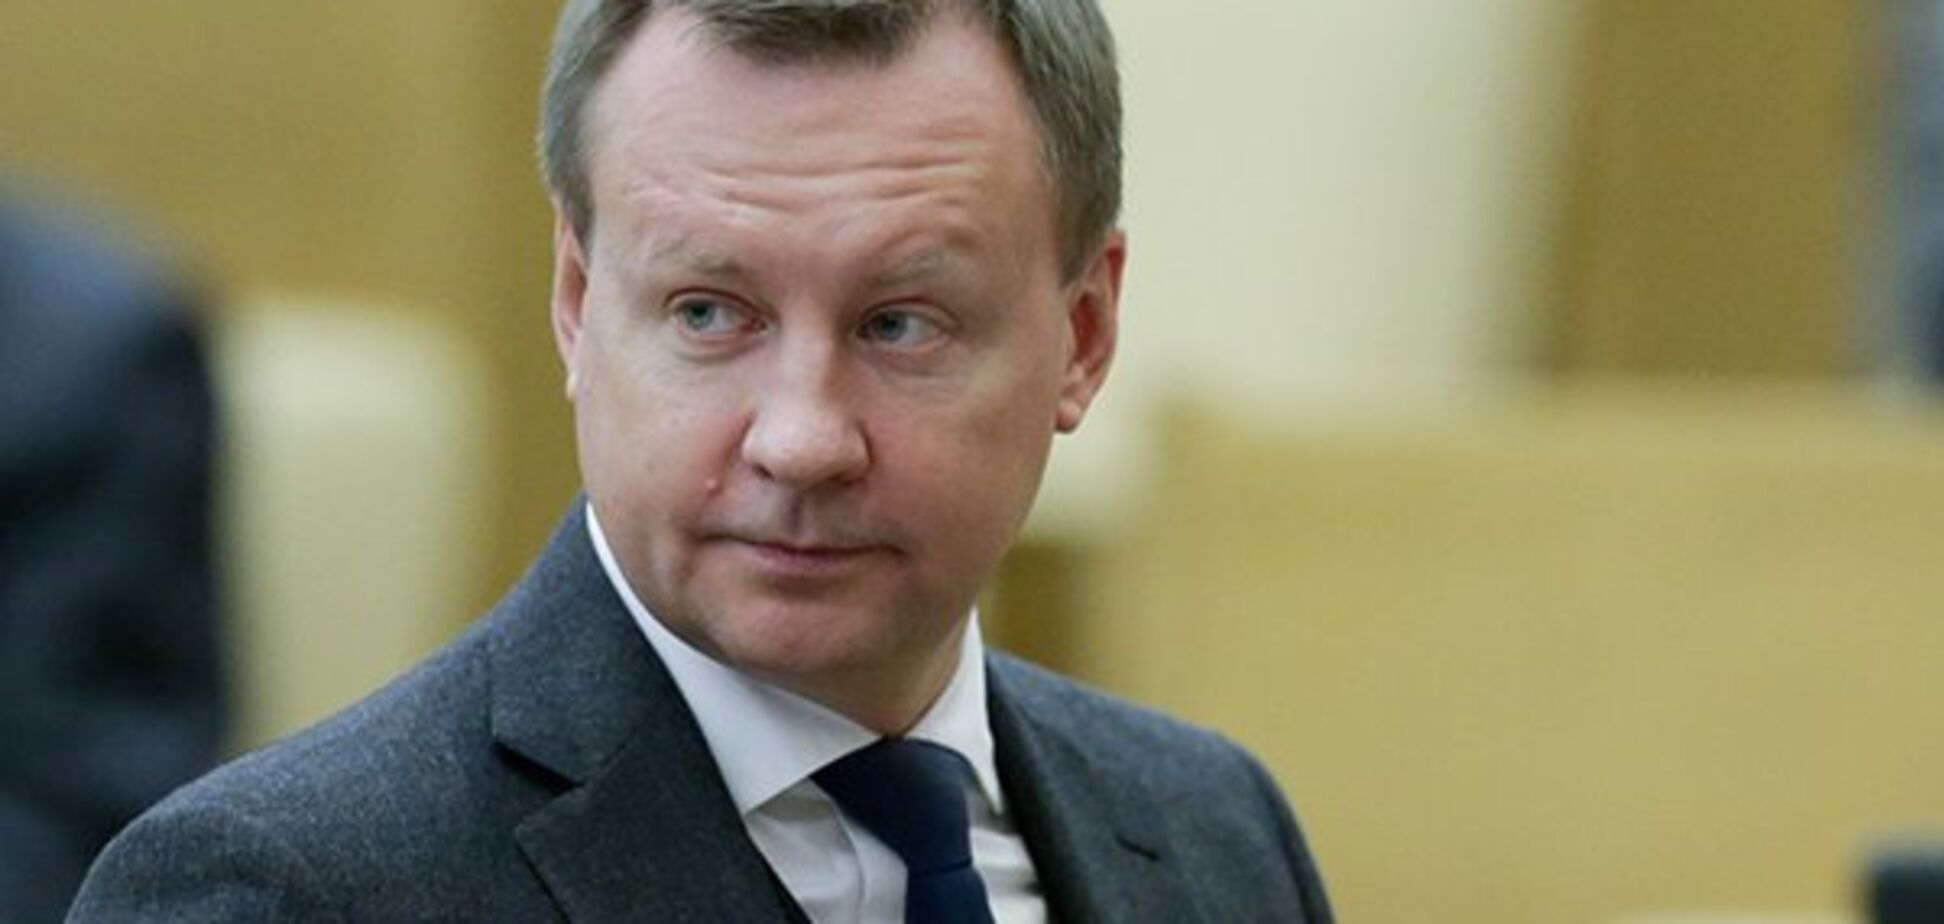 Прокуратура Києва висловилася про викрадення в справі Вороненкова